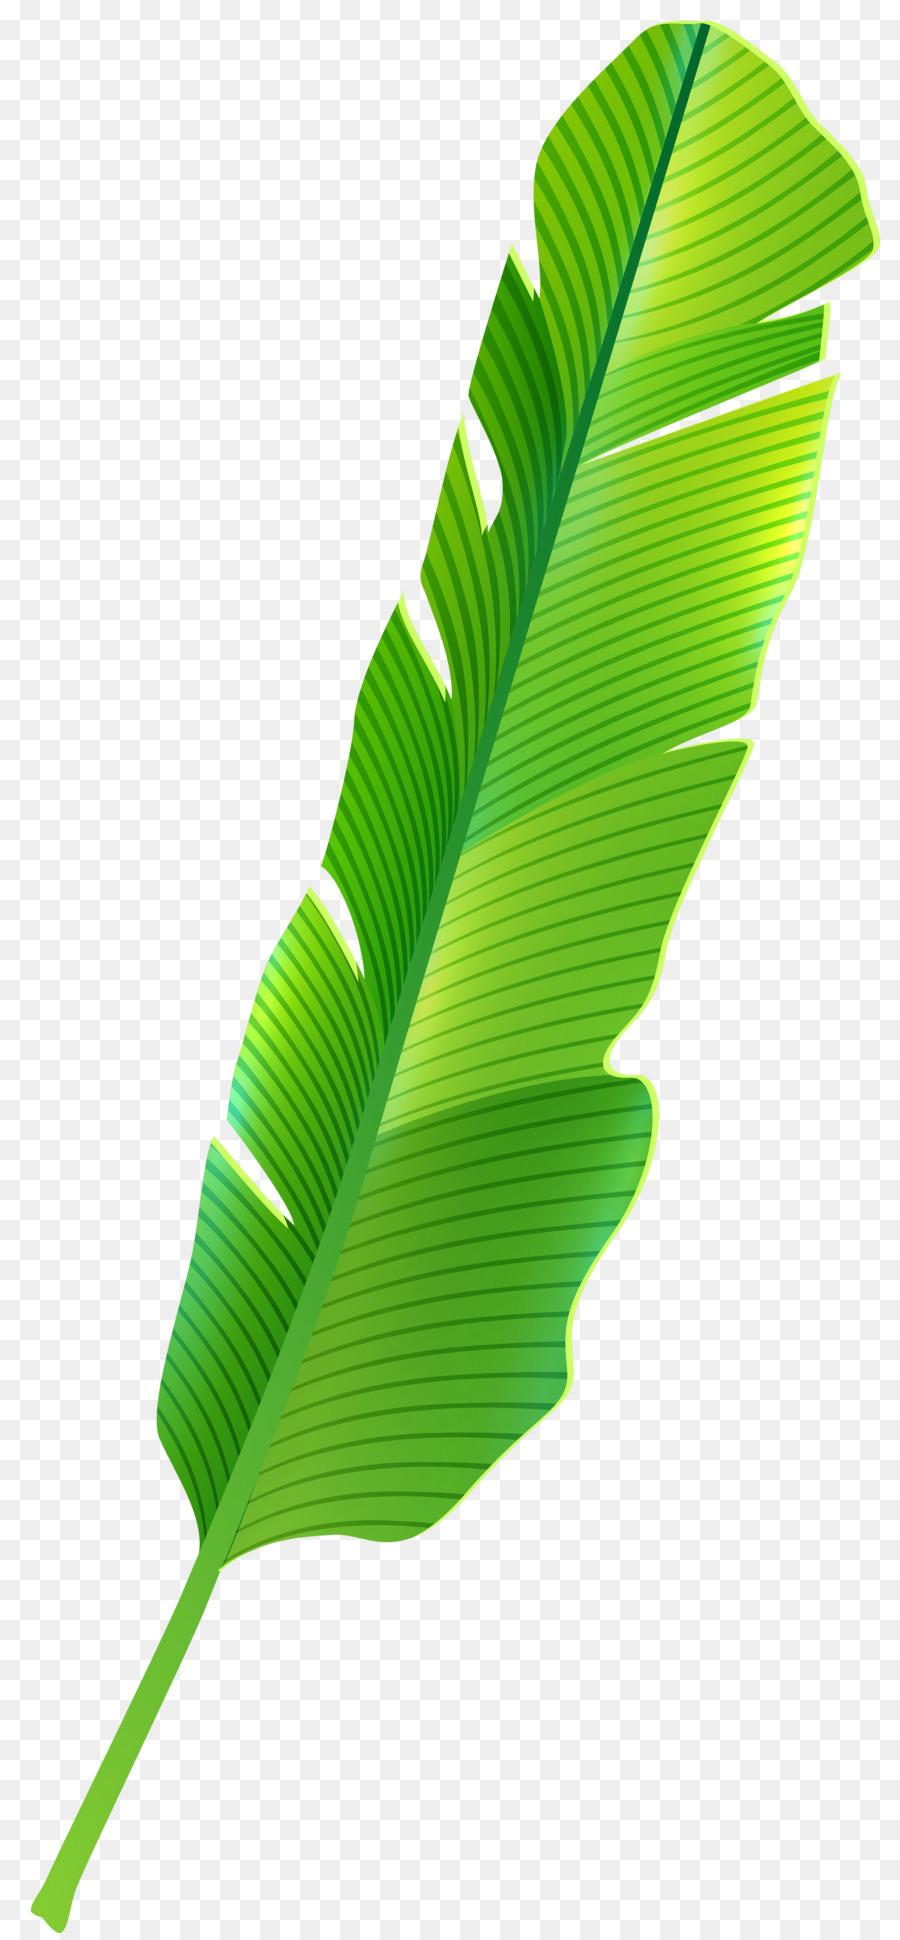 Tropics Leaf Clip Art